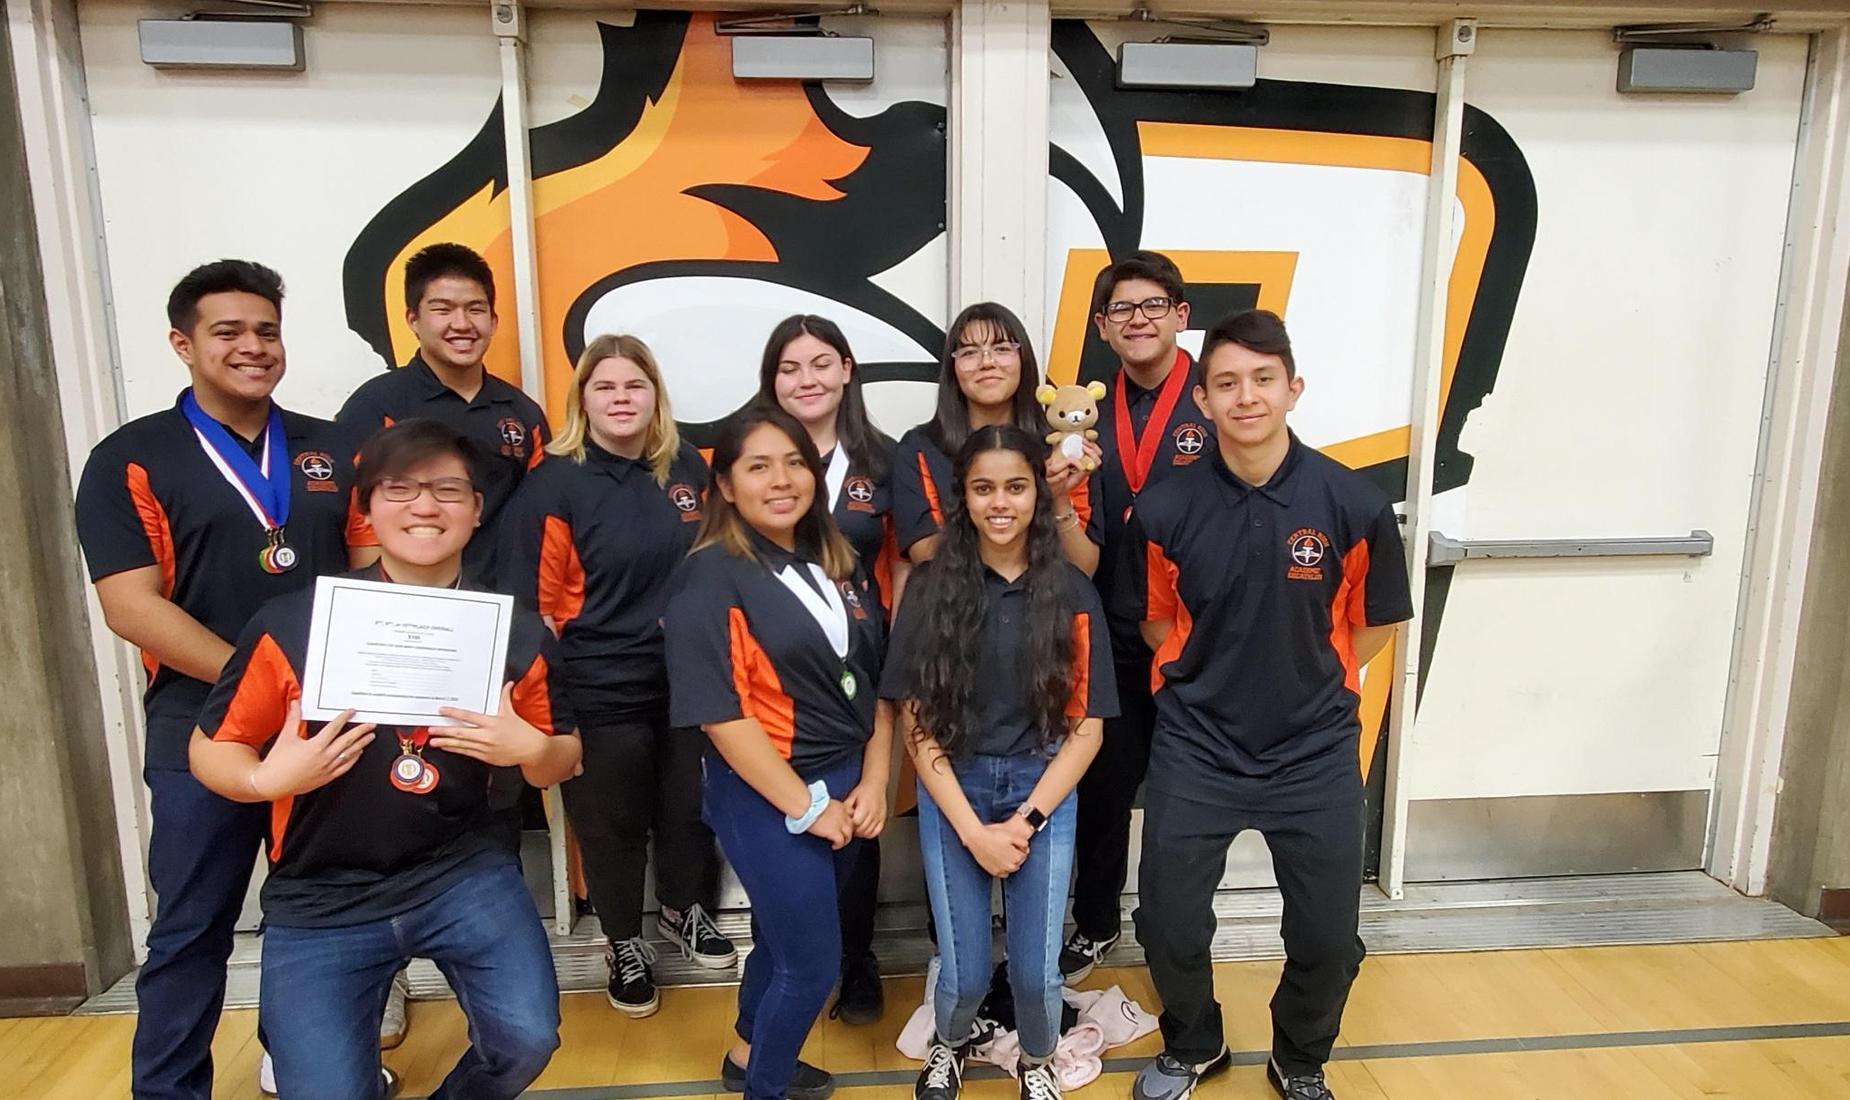 Central High School Academic Decathlon Team